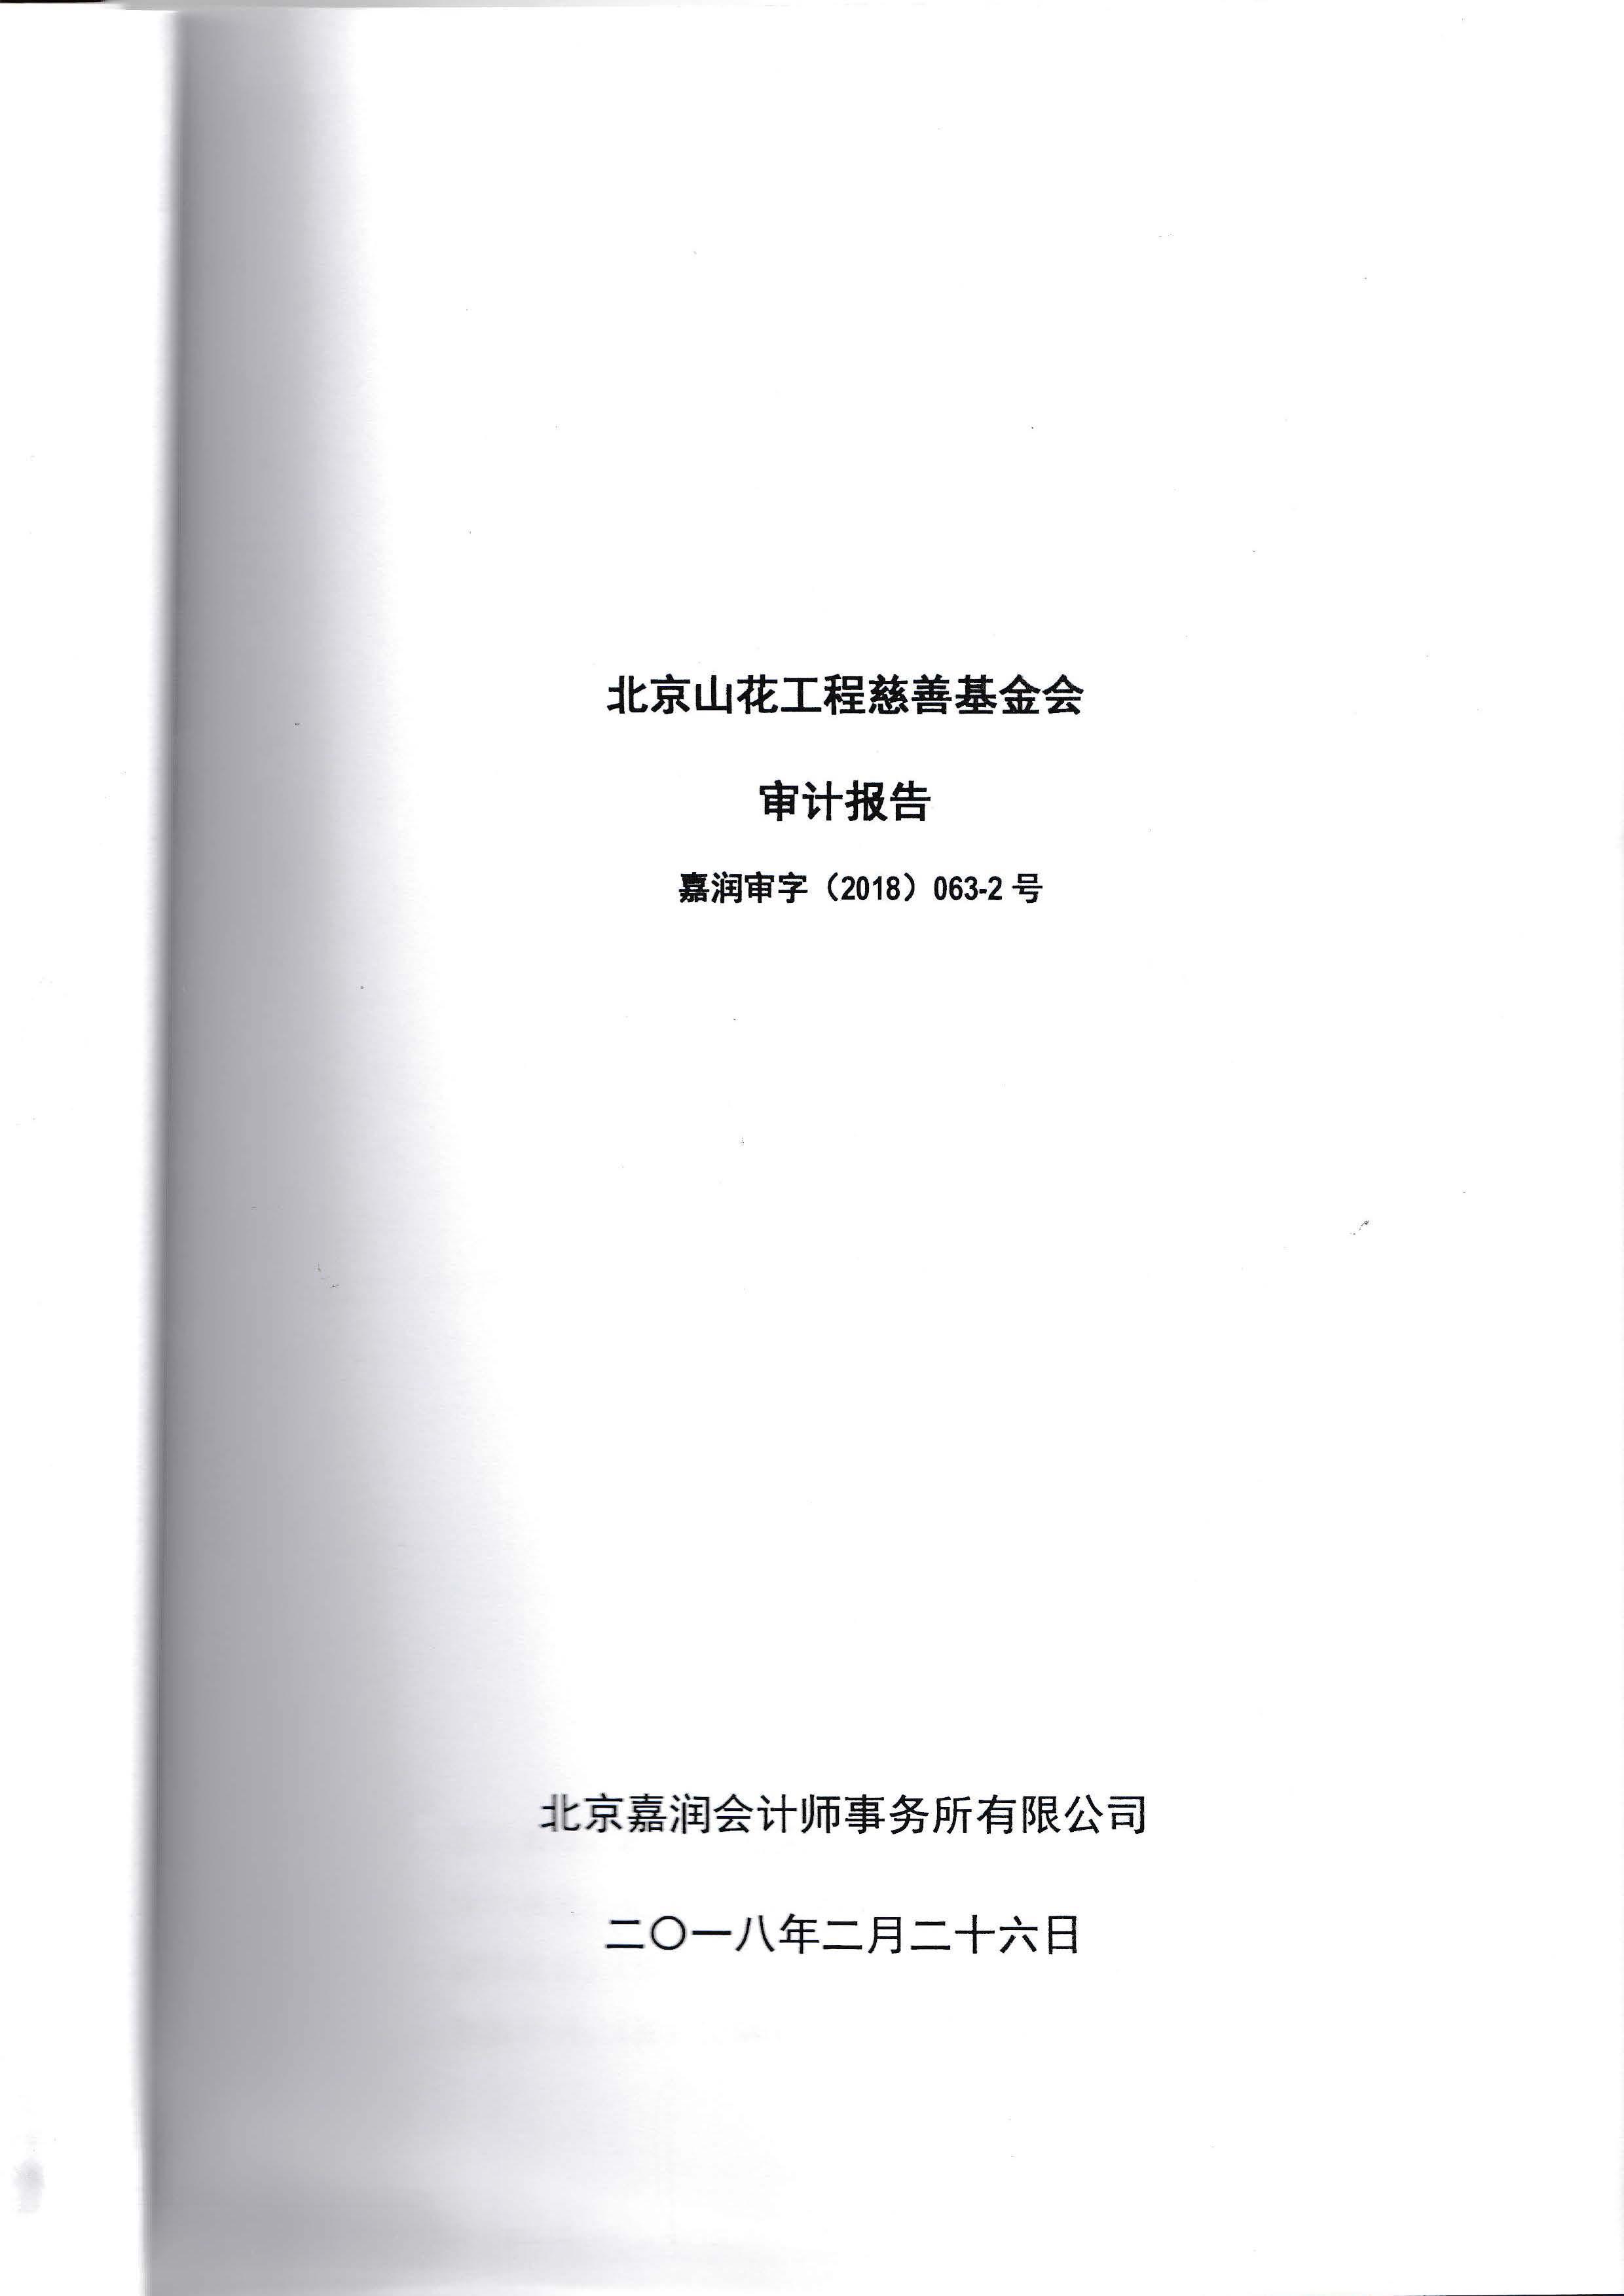 6具有资质的中介机构鉴证的上一年度财务报表和审计报告_页面_21